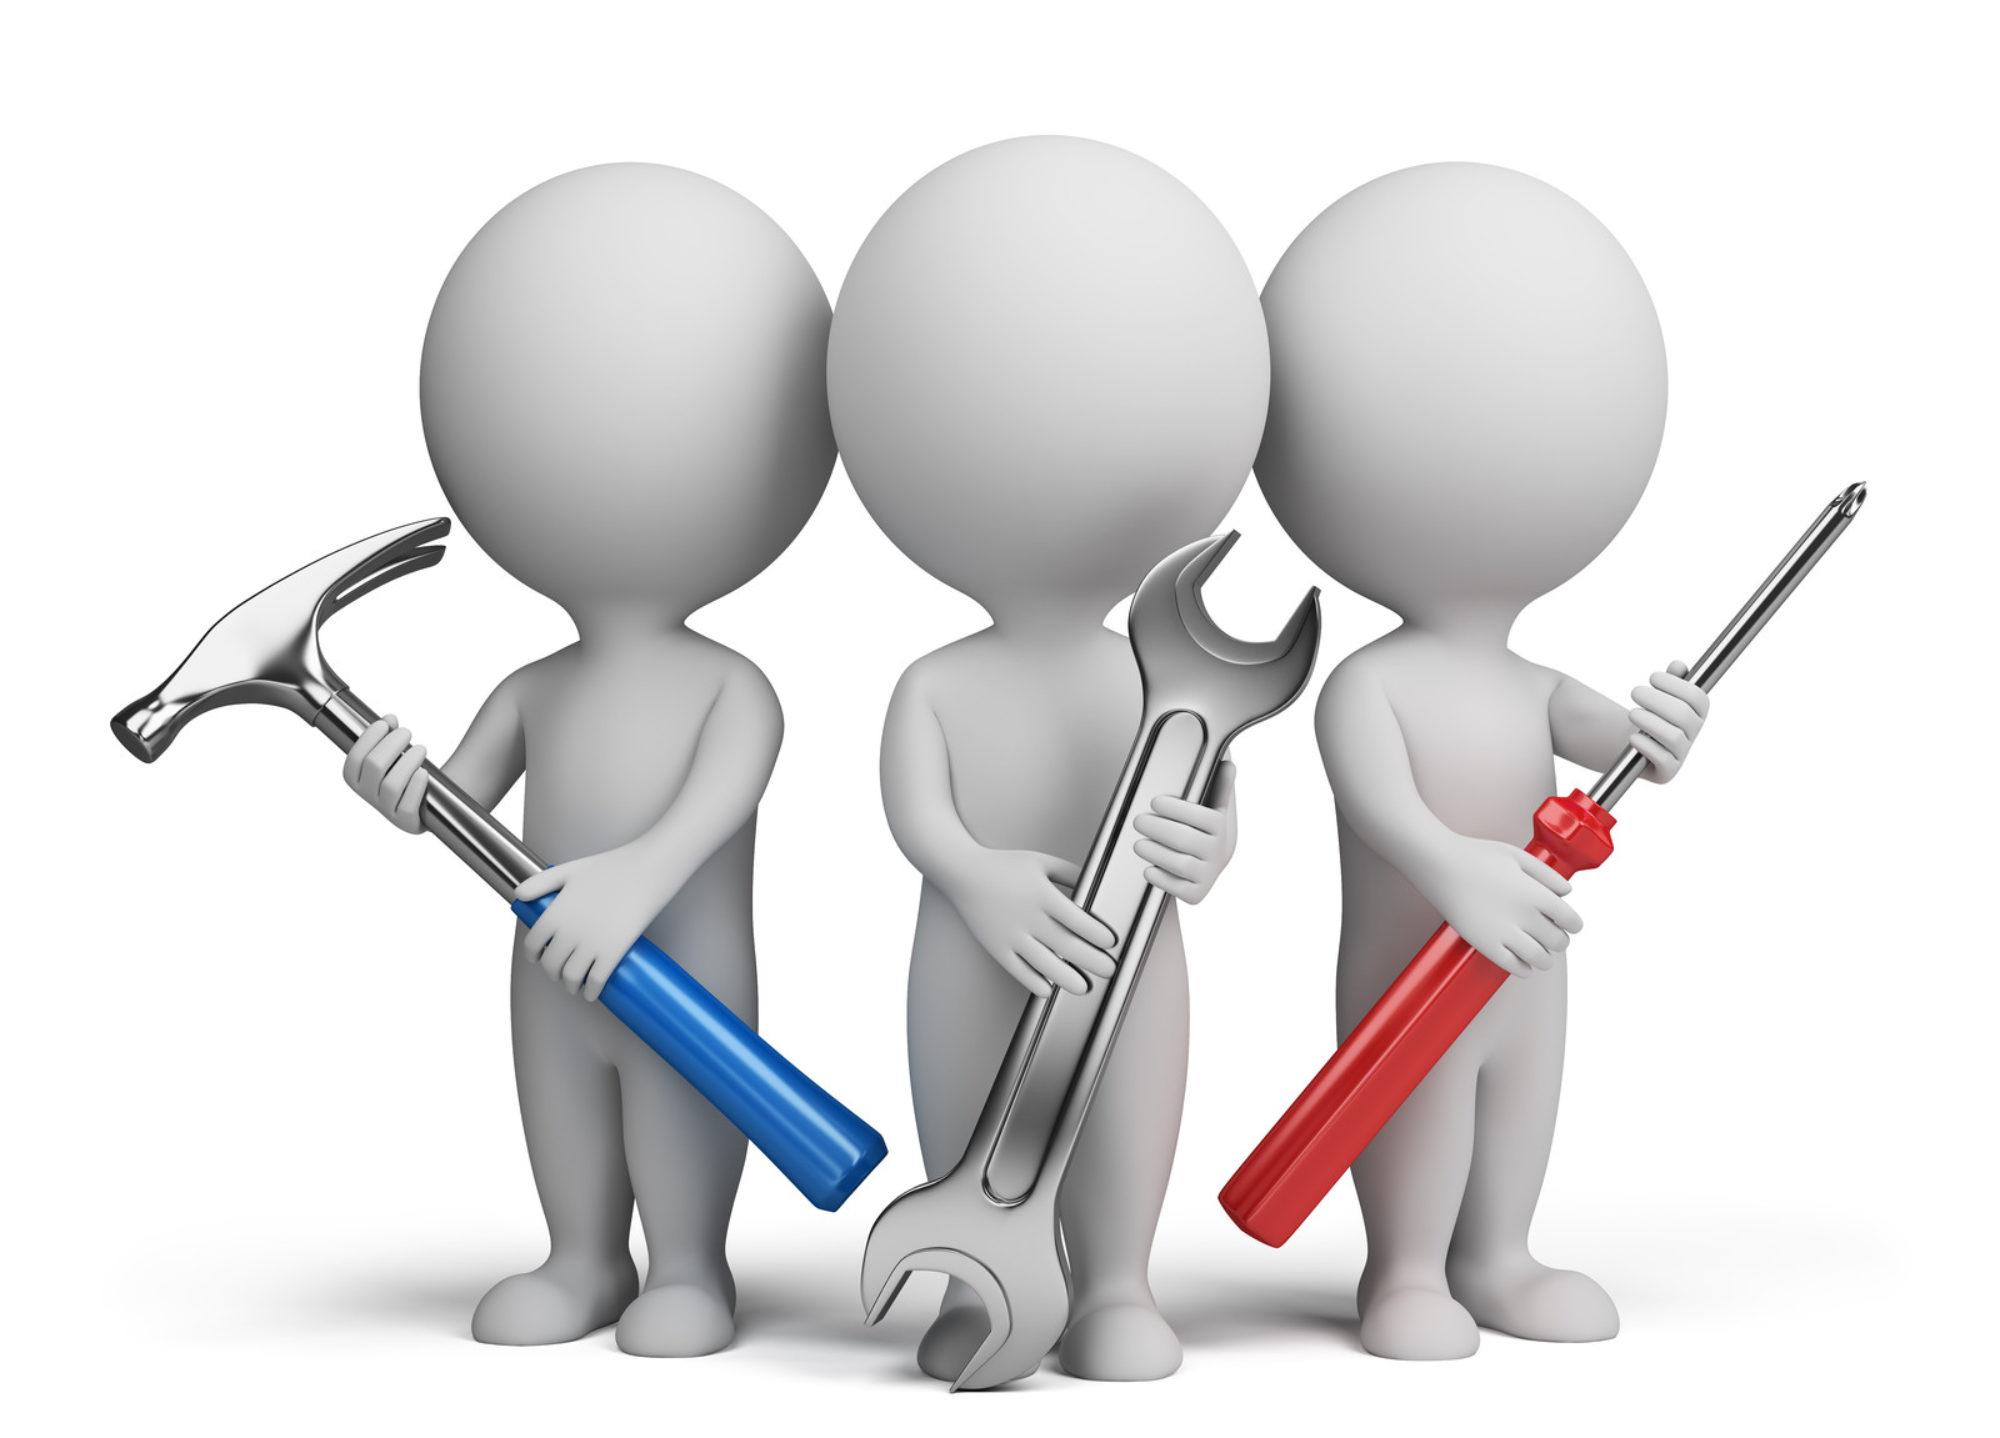 Kelebihan Menggunakan Aplikasi Jasa Service Online